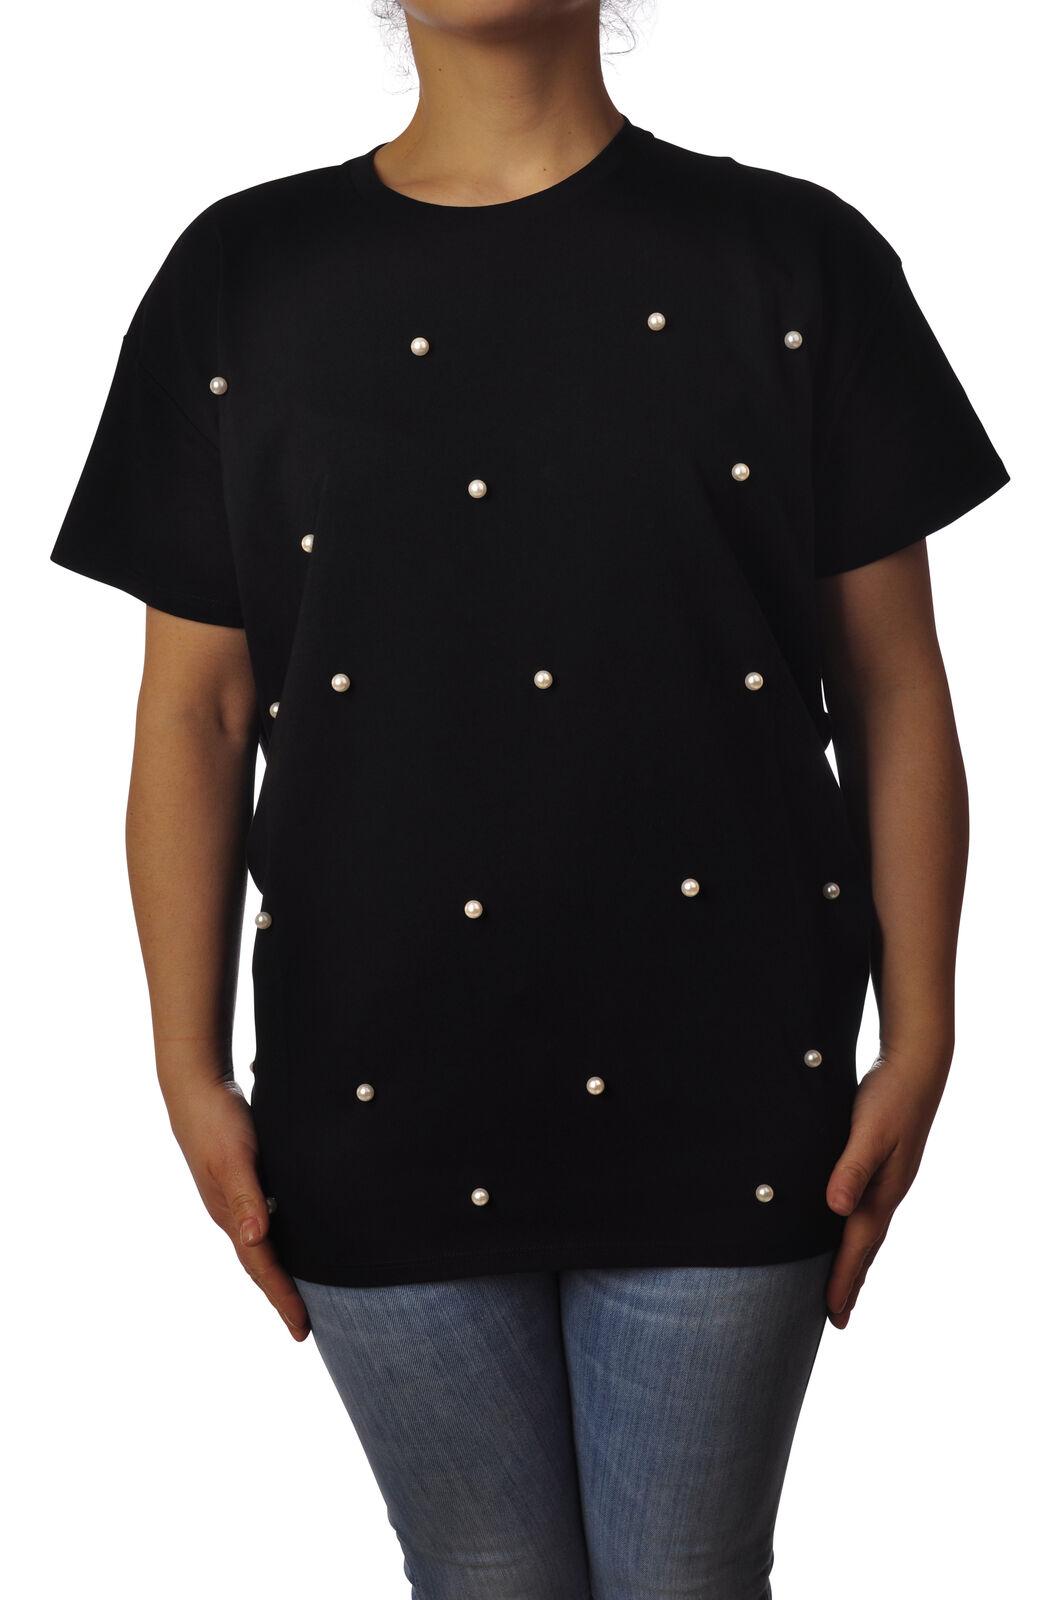 Gaëlle Paris - Topwear-T-shirts - Woman - schwarz - 5226513L184239